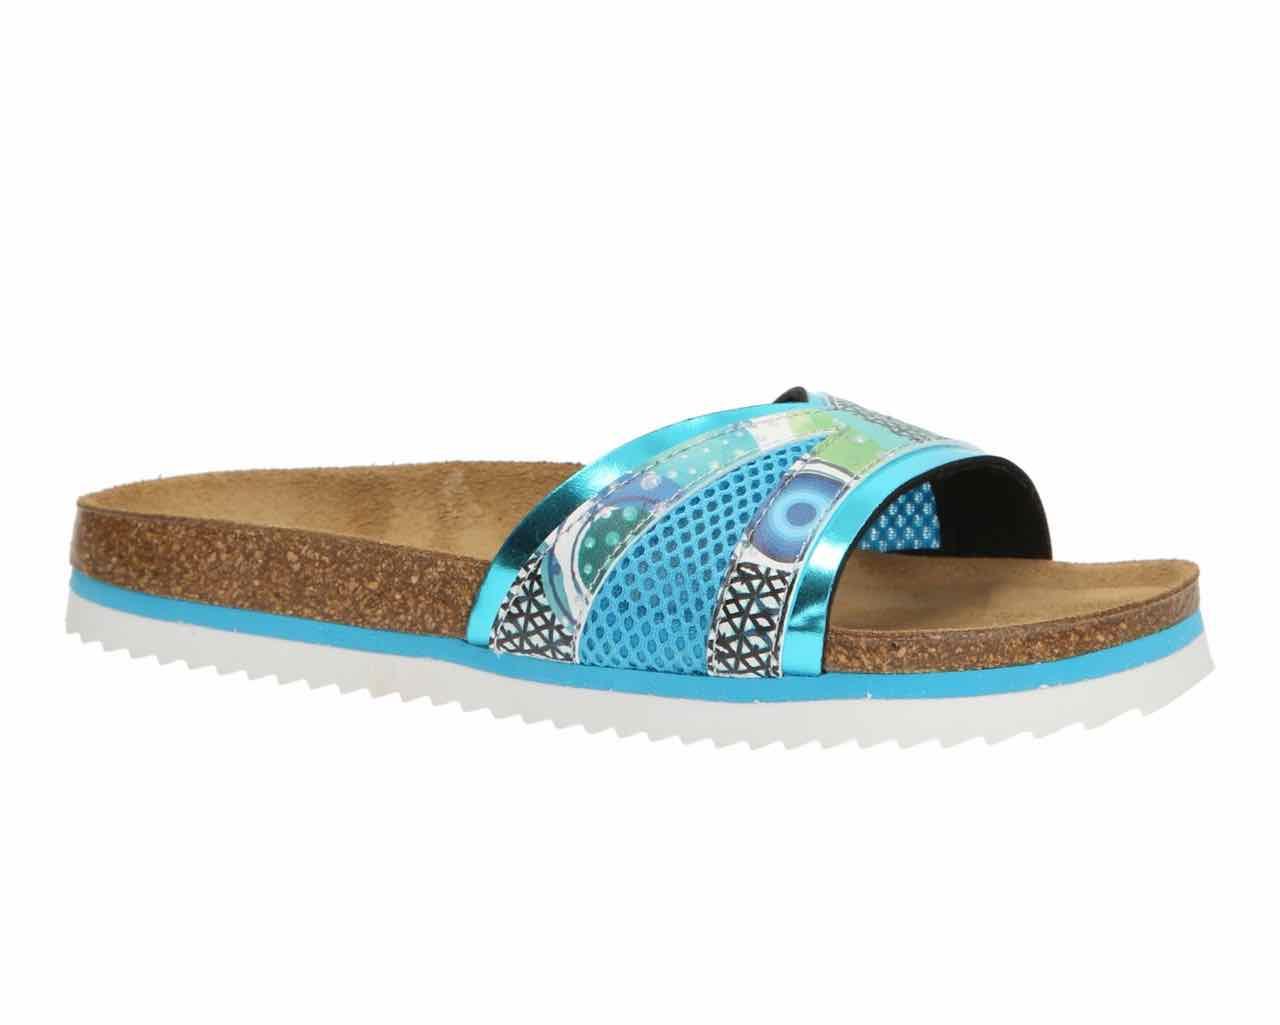 61HS5G4_5024 Desigual Sandals Bio 11 Nora